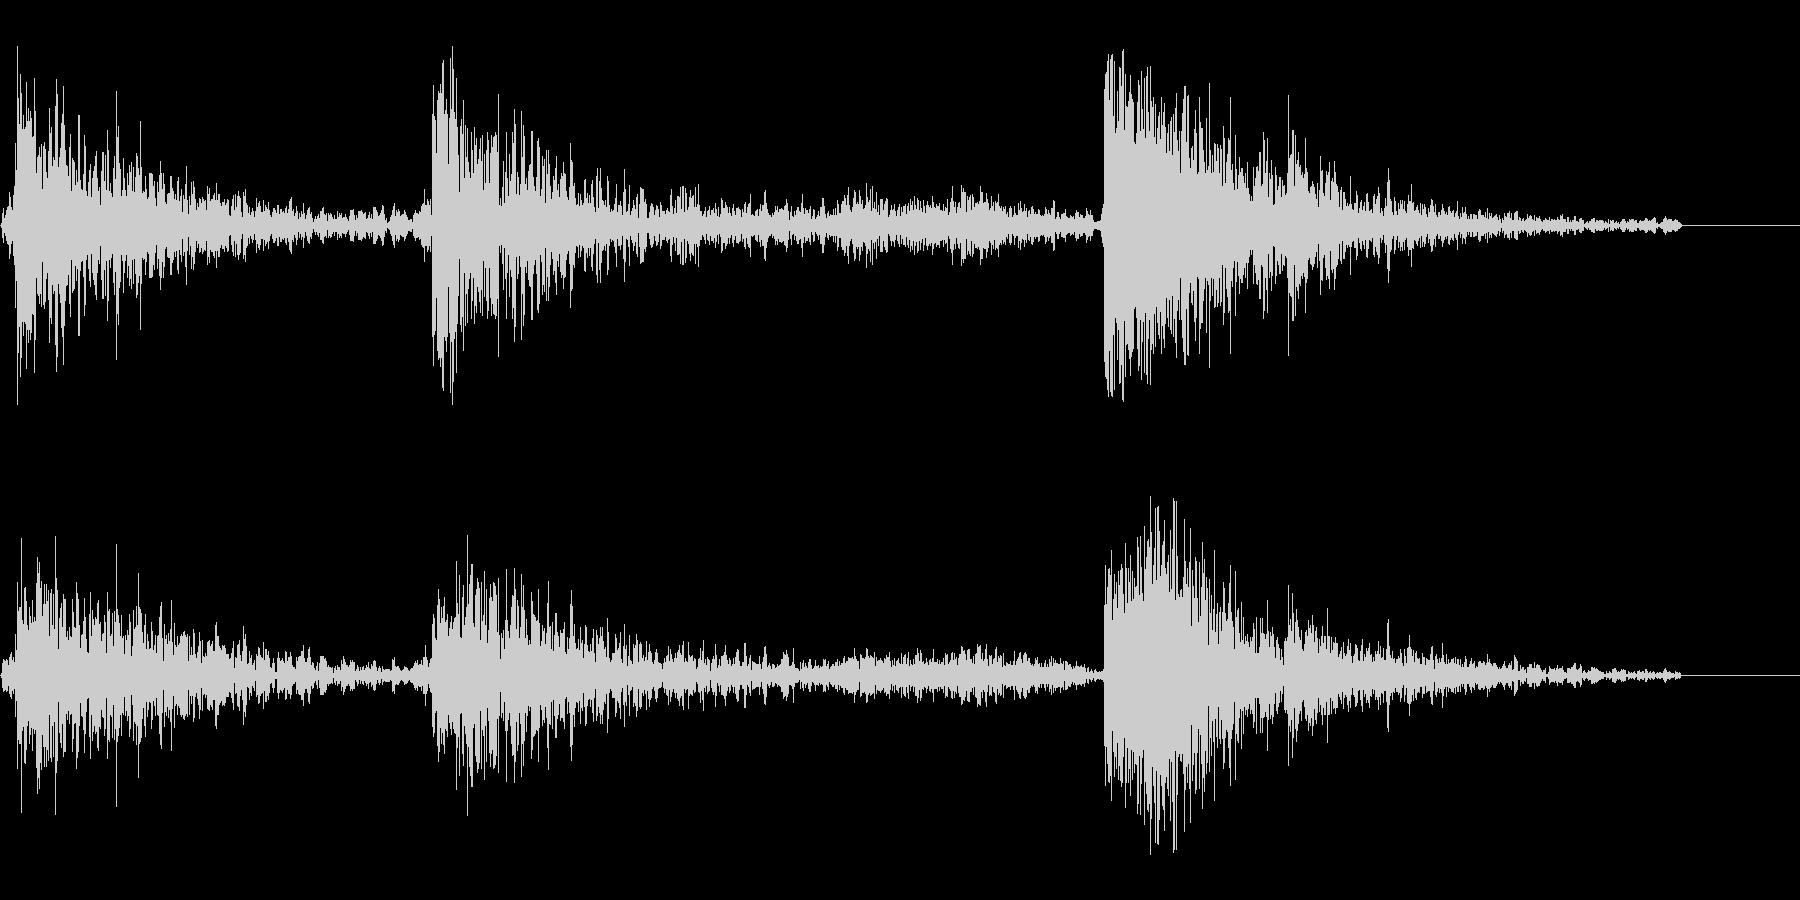 重い物を引きずる音(重いものを動かす音)の未再生の波形